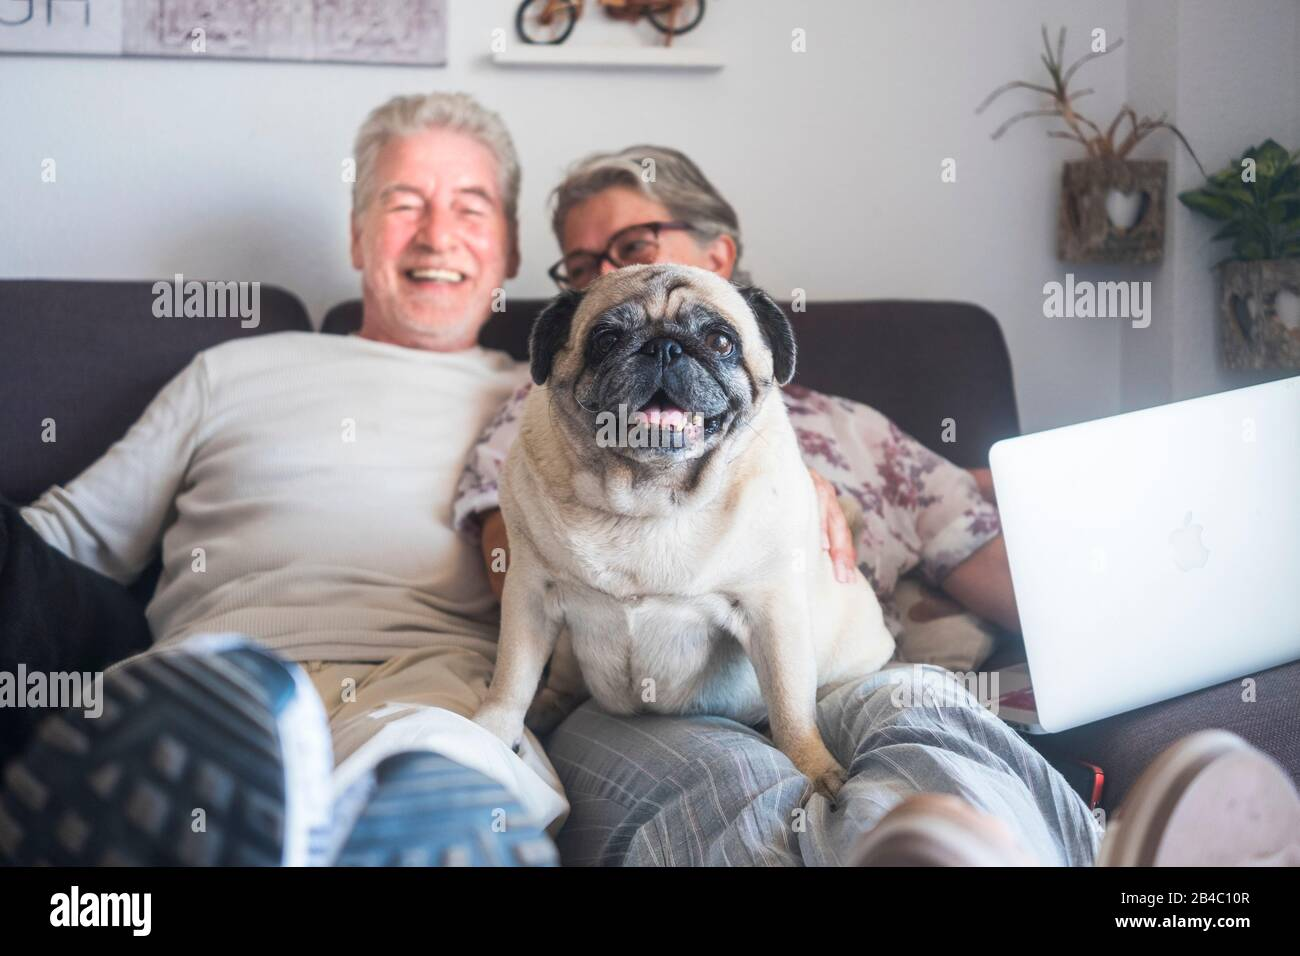 Divertente concetto di famiglia con coppia di persone caucasiche allegro uomo e donna anziani sedersi sul divano con computer portatile e vecchio cane pug carino sedersi su di loro guardando la fotocamera Foto Stock